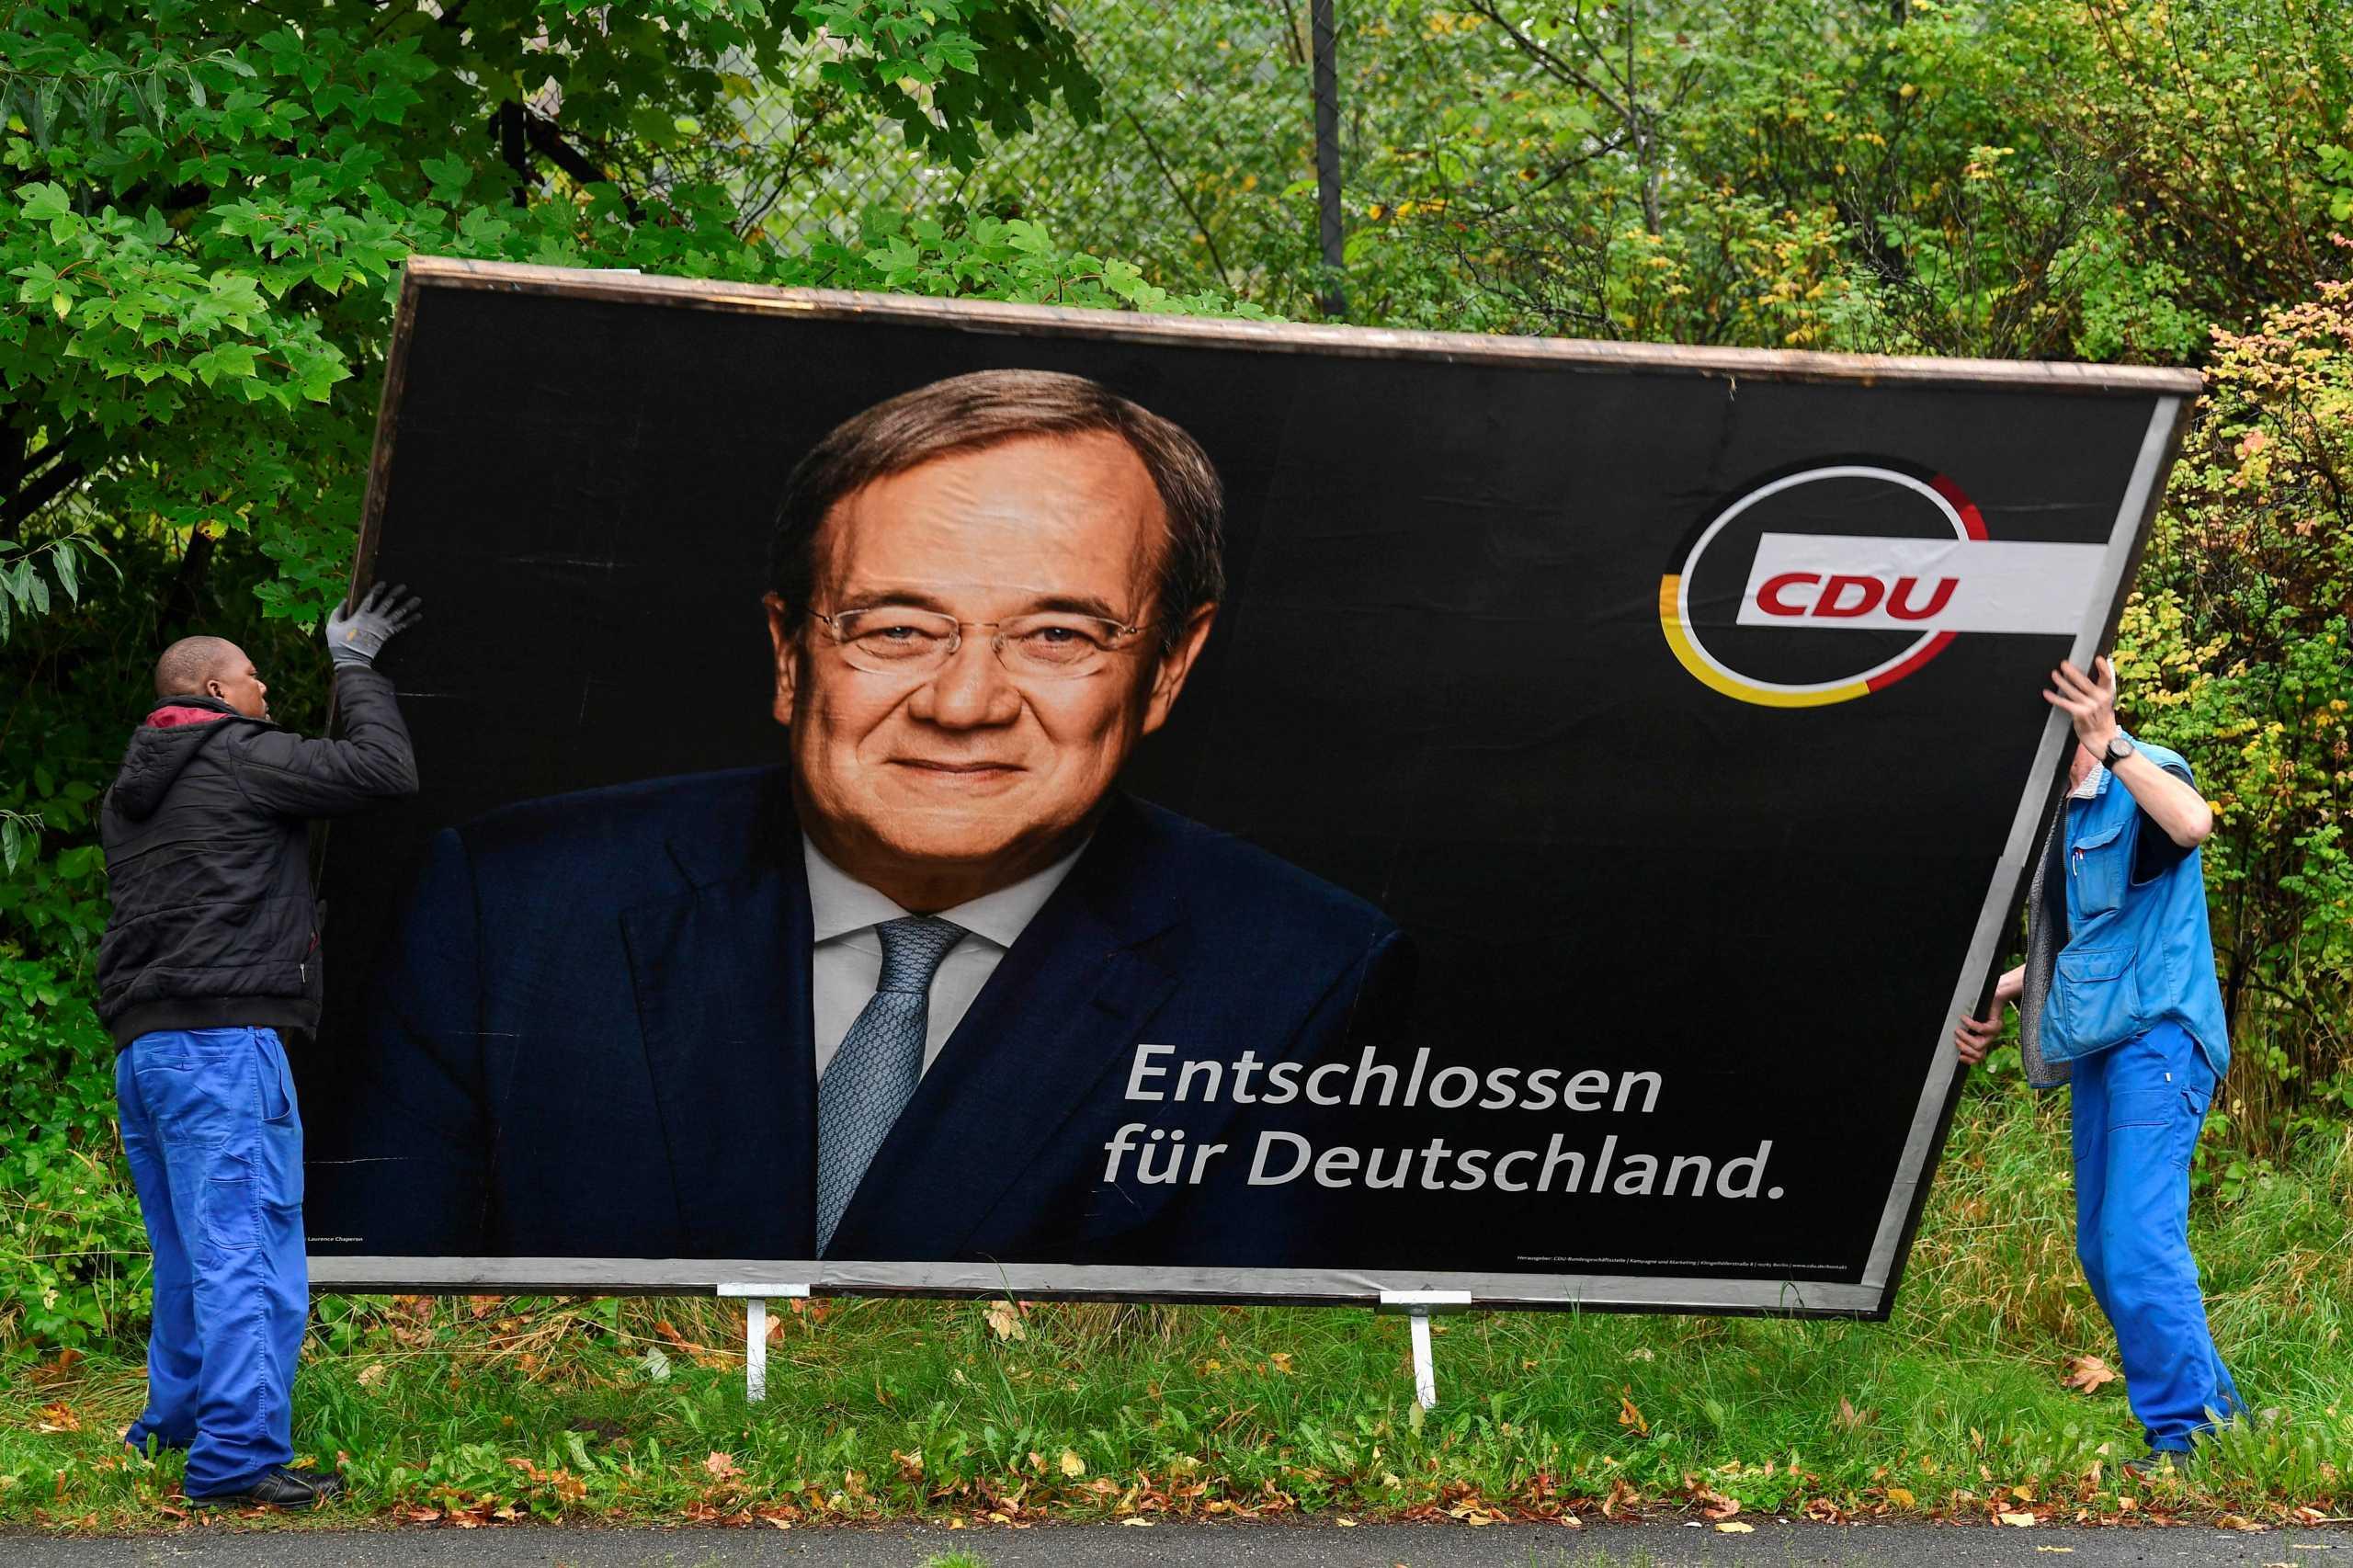 Εκλογές στη Γερμανία – CDU: Υπό παραίτηση ο Λάσετ μετά την πανωλεθρία